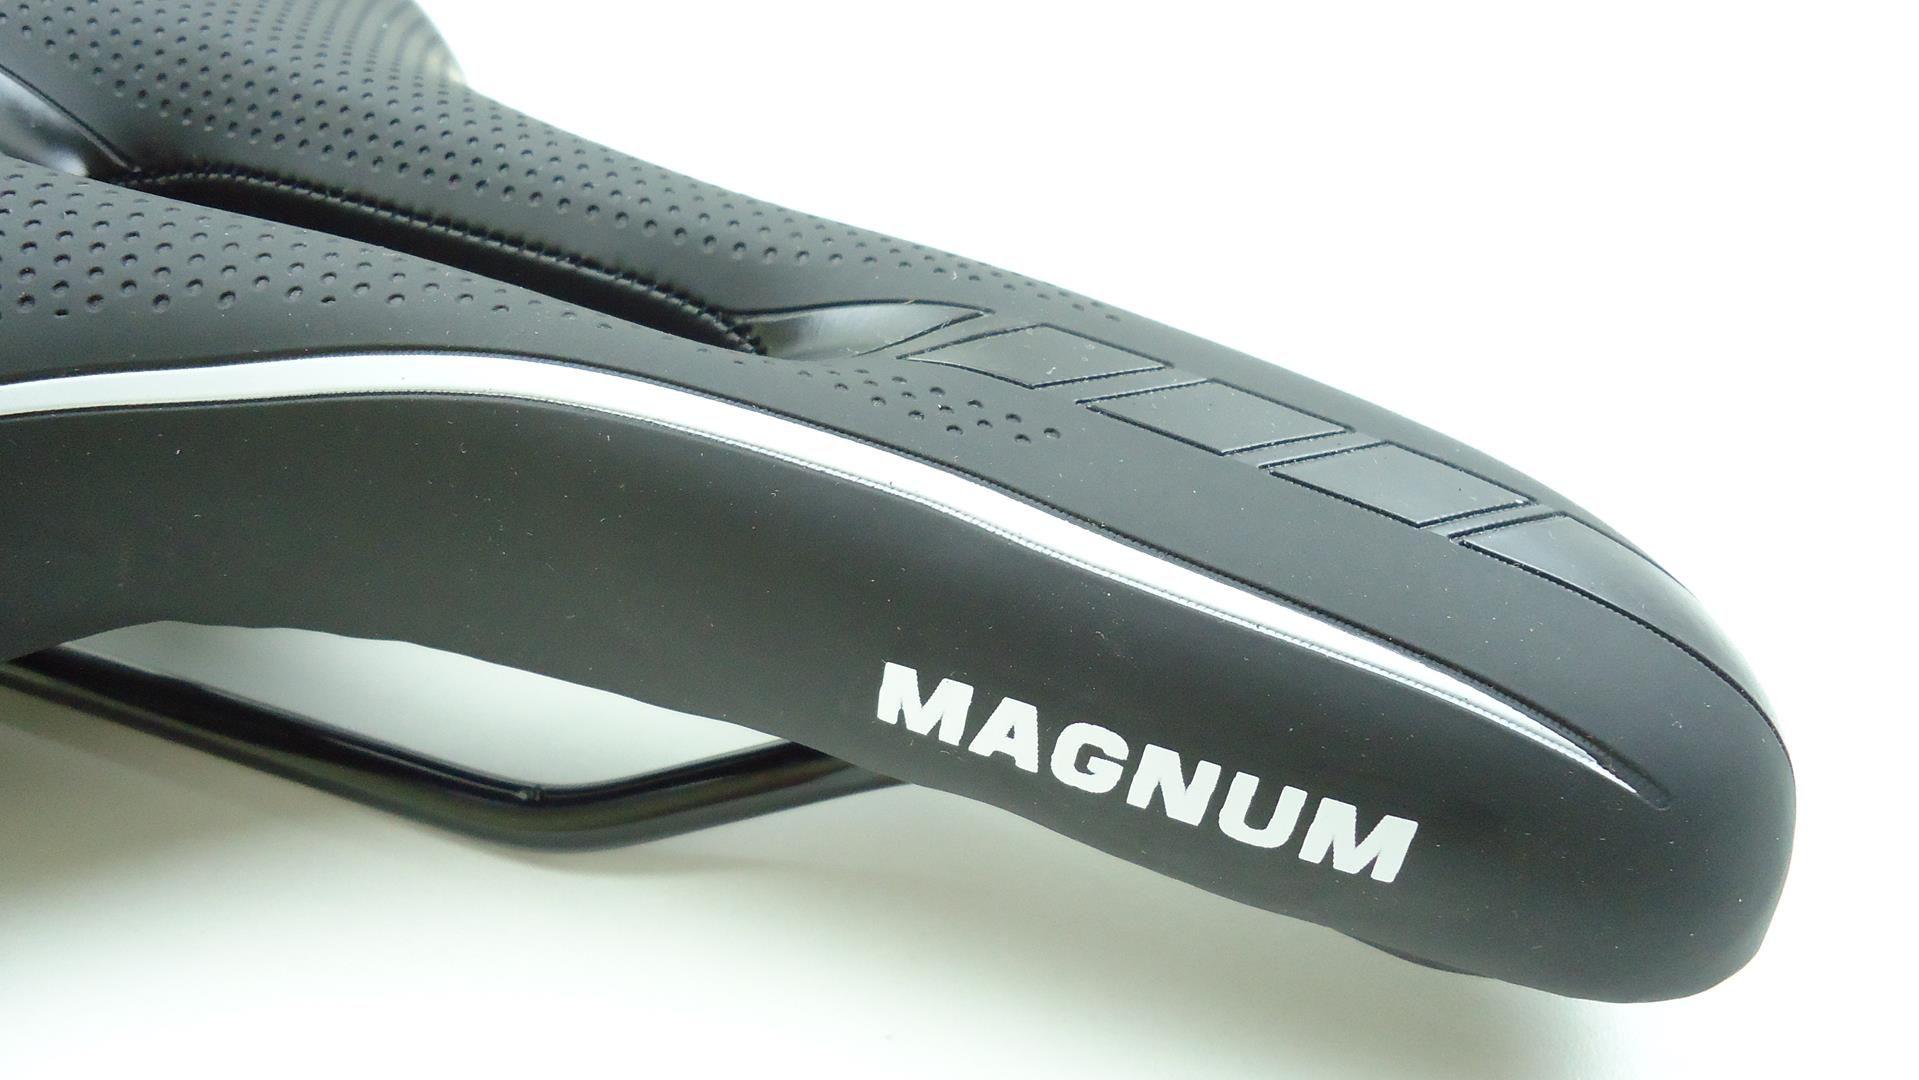 Banco Selim Bicicleta MTB Vortex Magnum Vazado 160mm Largura Super Confortável